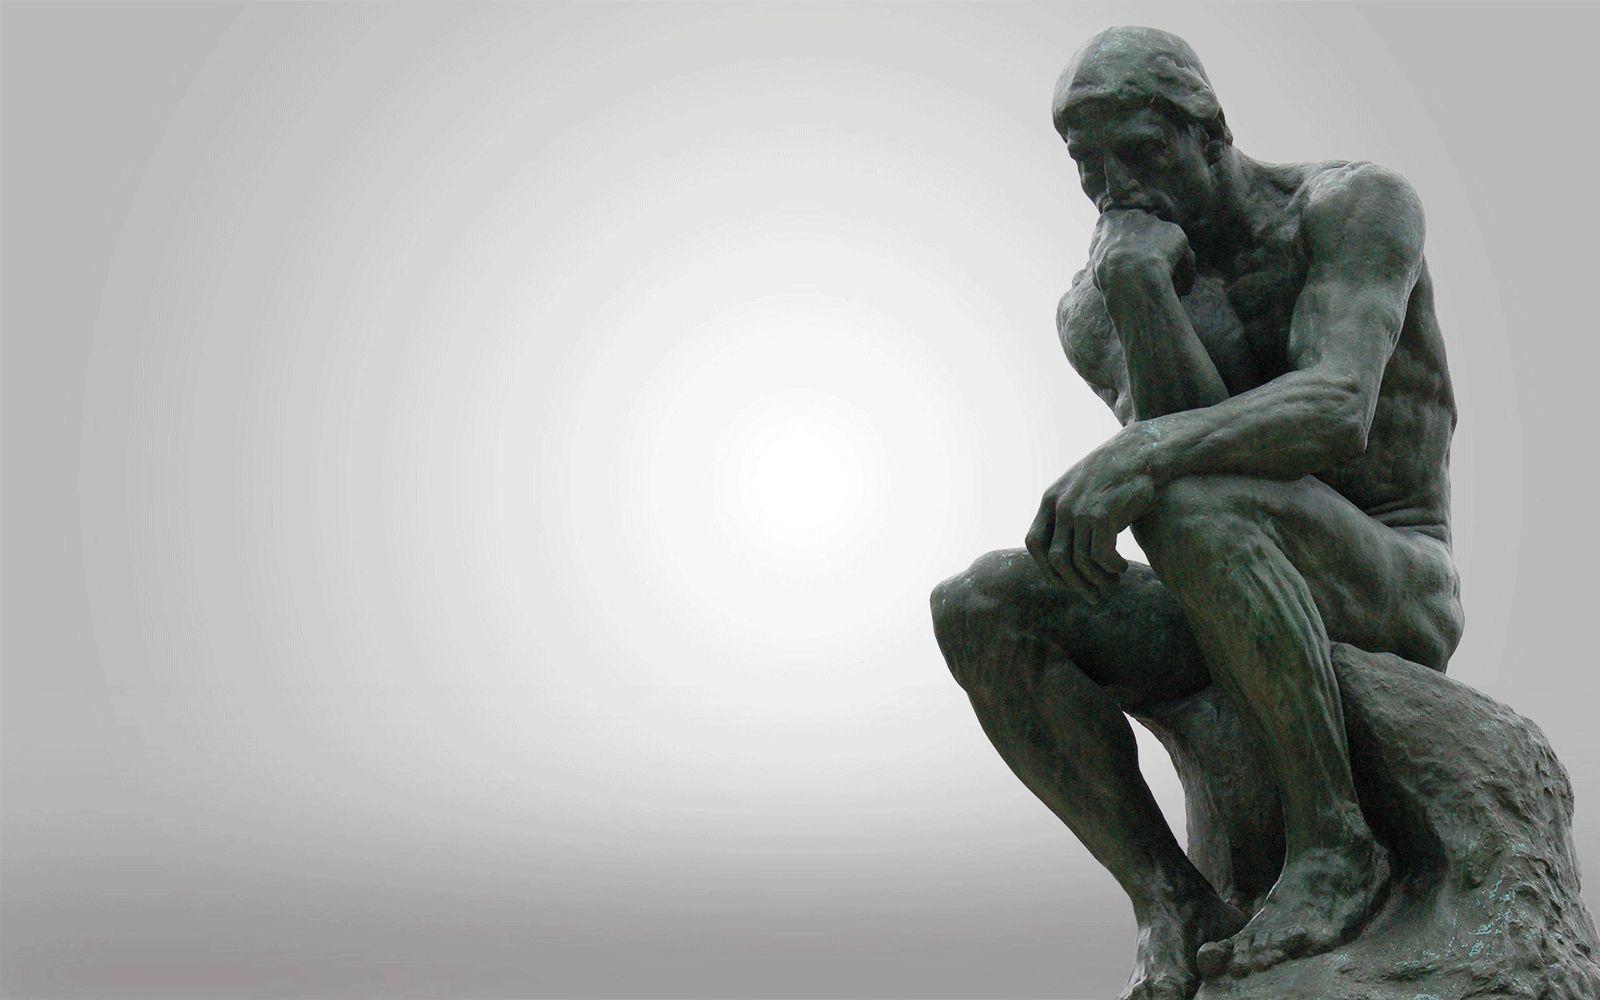 Obeta se sofinanciranje doktorskega študija na ISH